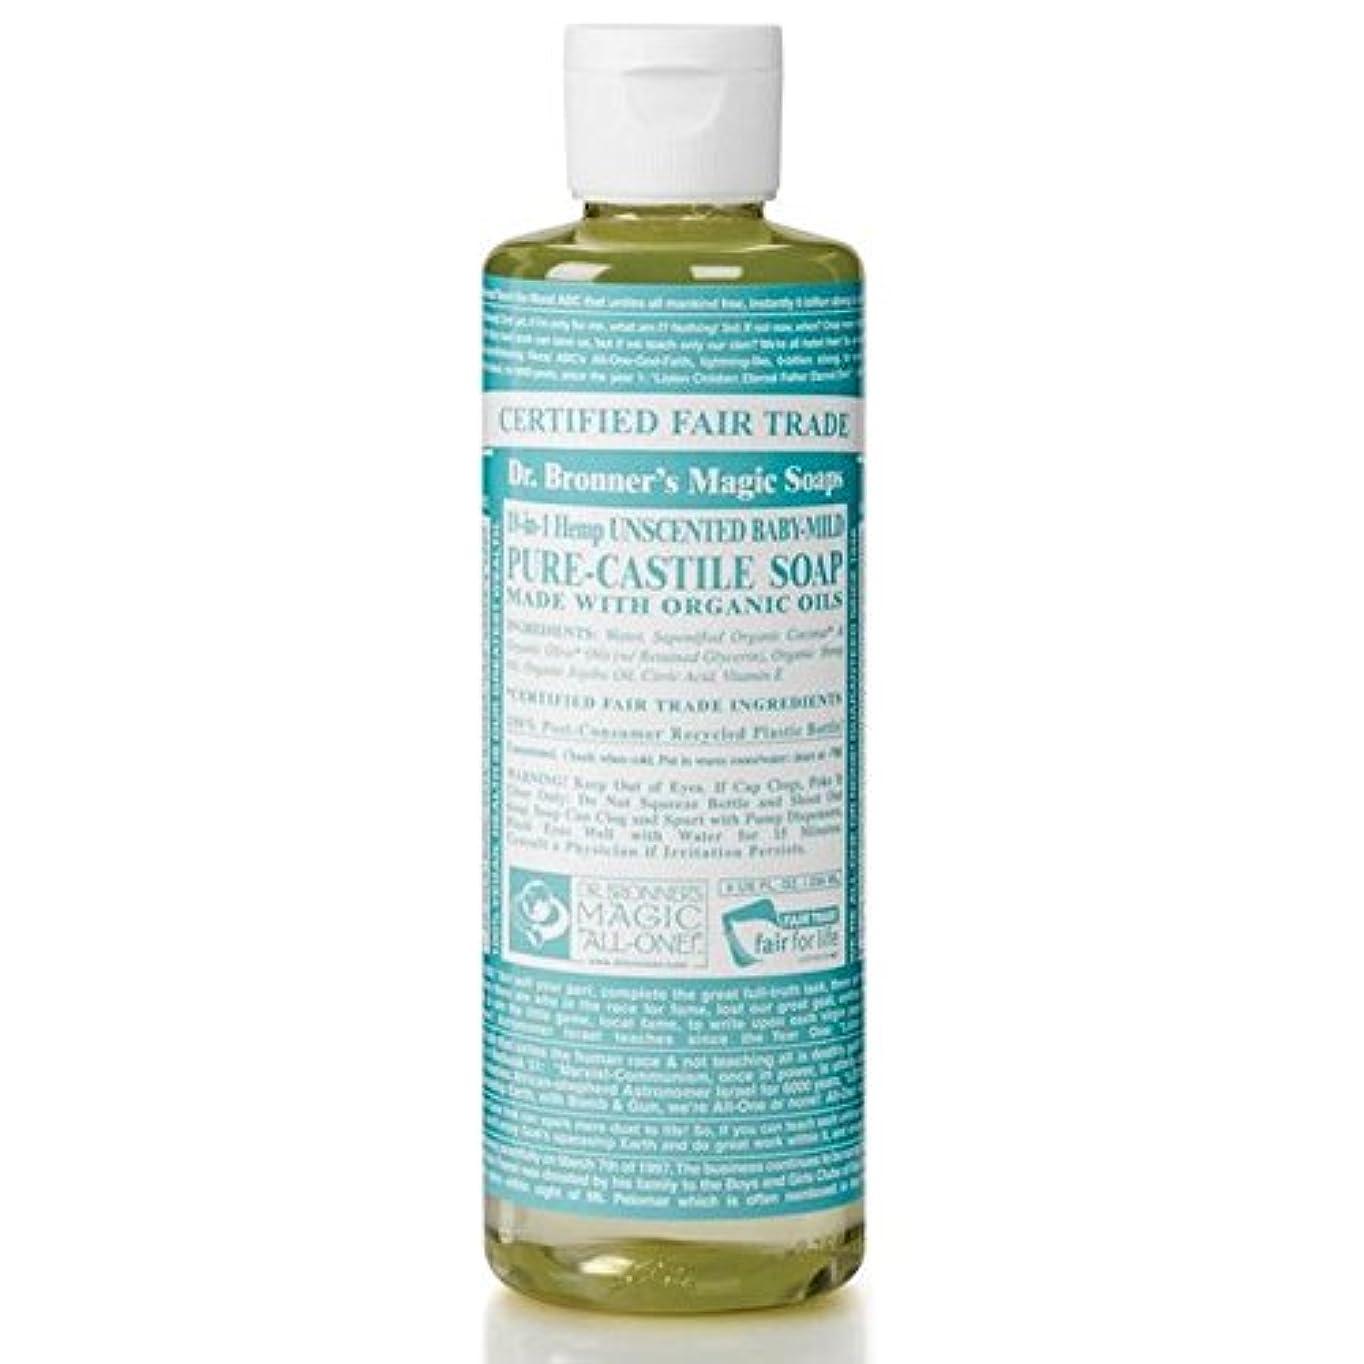 ストレンジャーかんたん研究所Dr Bronner Organic Baby Mild Cast Liquid Soap 237ml (Pack of 6) - のブロナーオーガニックベビーマイルドなキャスト液体石鹸237ミリリットル x6 [並行輸入品]